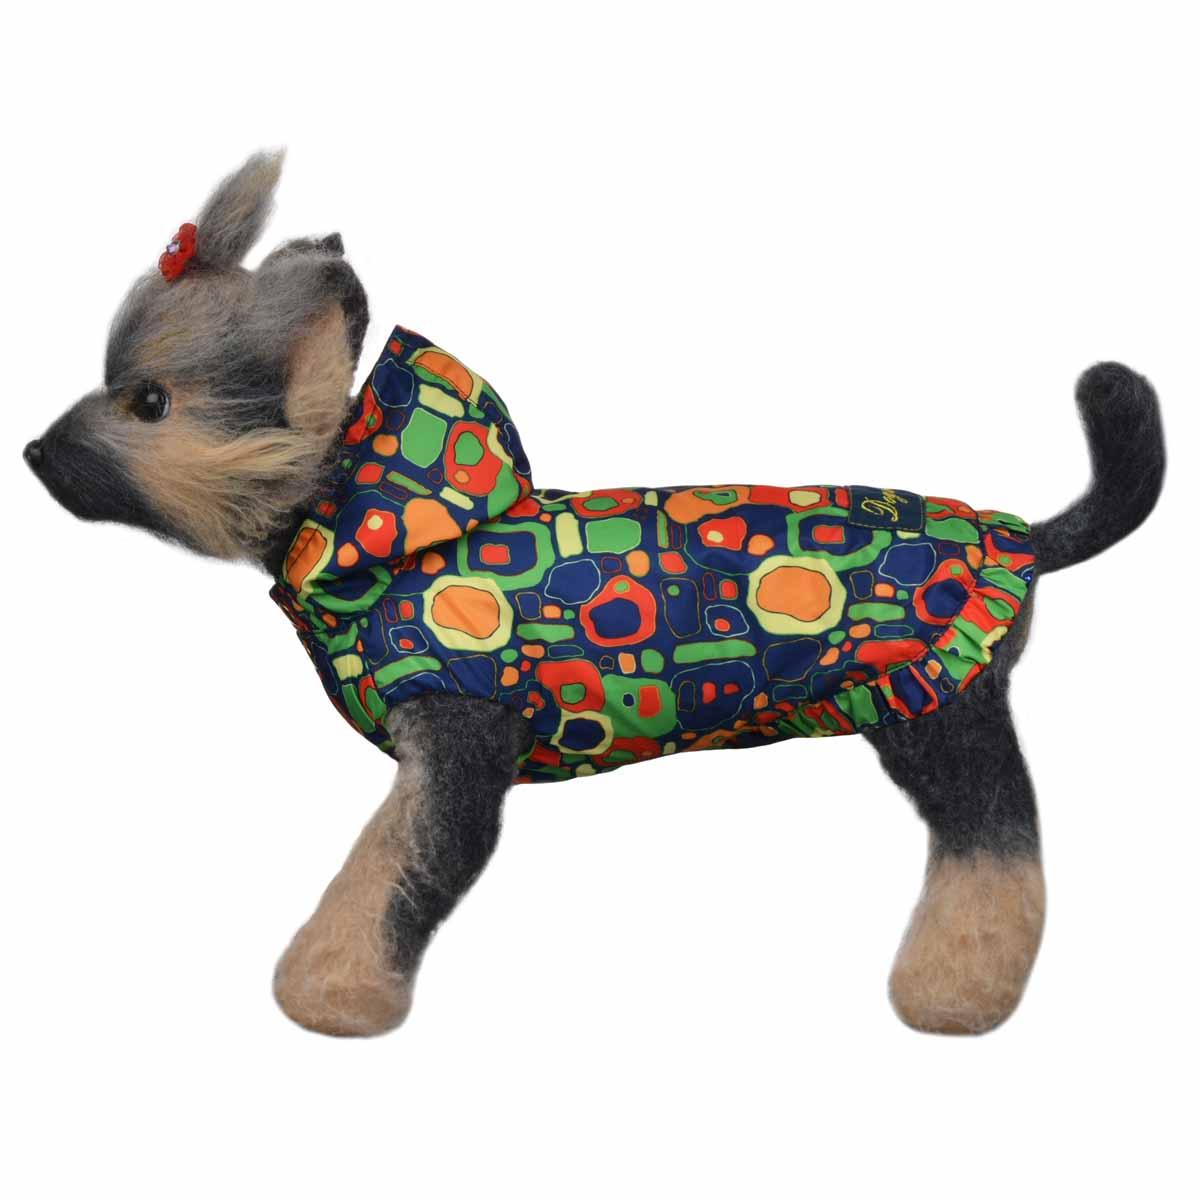 Dogmoda Ветровка для собак Сити-40120710Яркая, модная куртка для собаки. Выполнена из непромокаемой ткани, на хлопковой подкладке